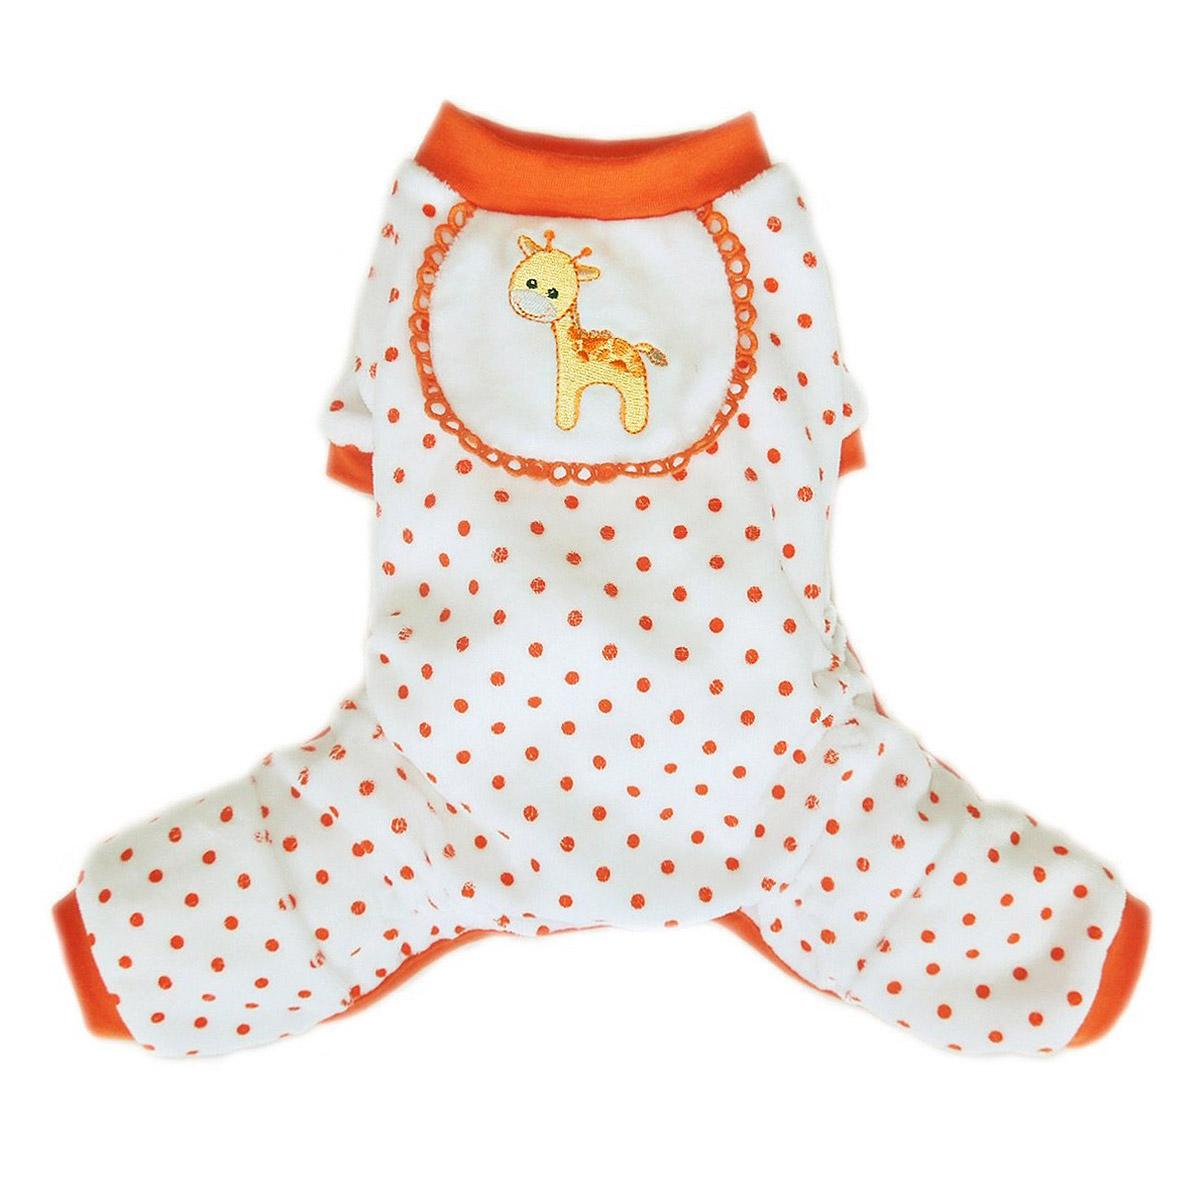 Giraffe Dog Pajamas - Orange